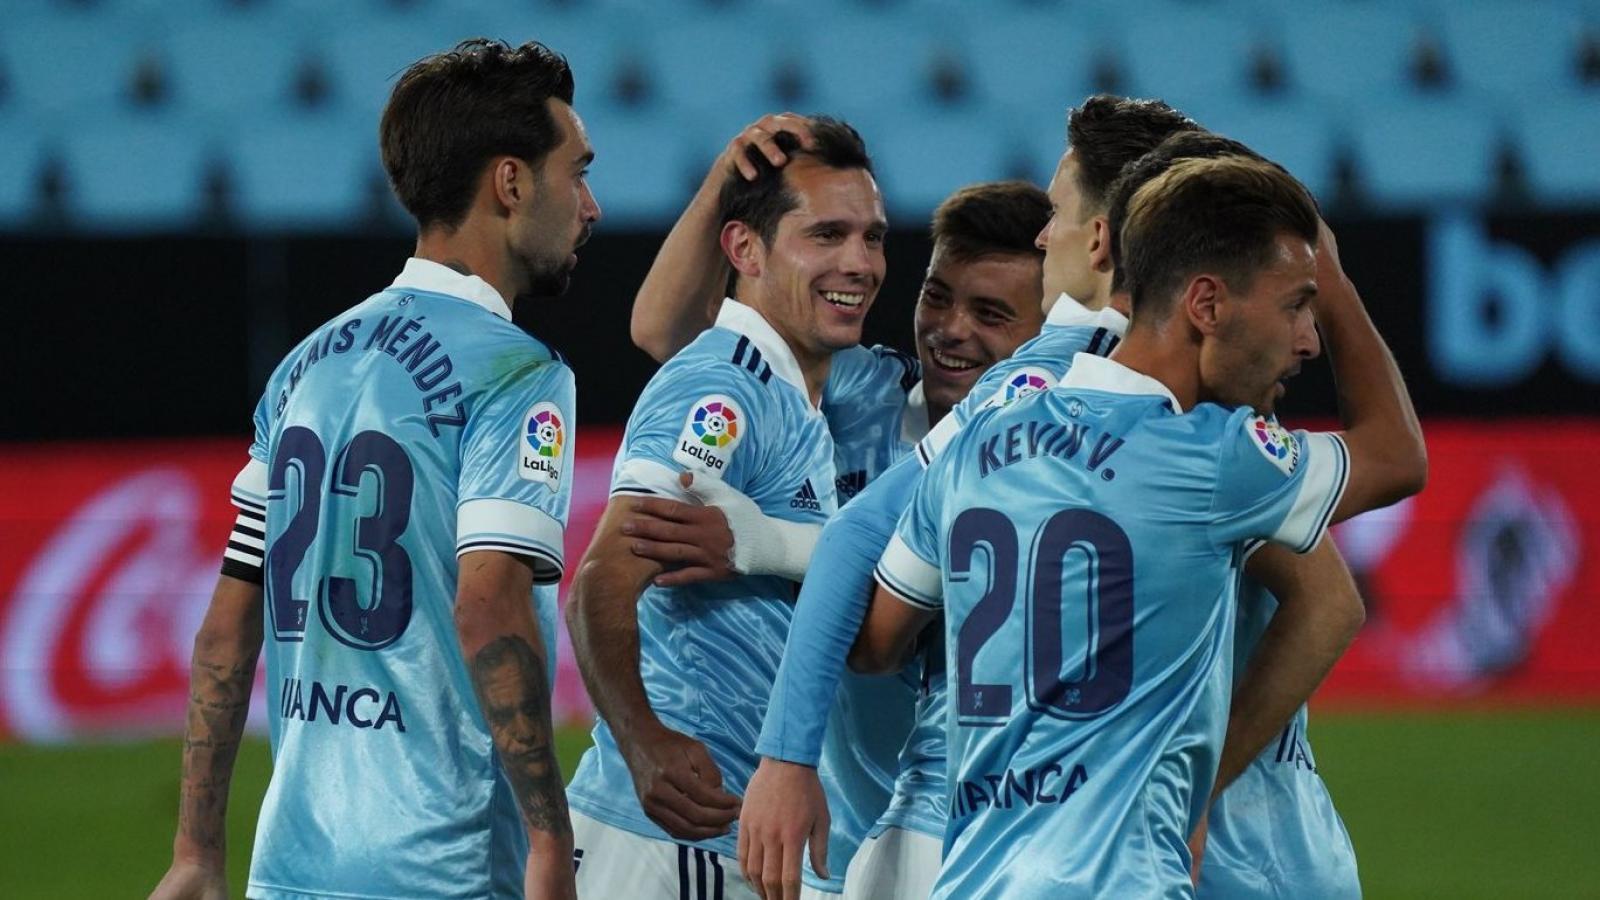 Augusto Solari recibe el cariño de sus compañeros tras marcar su primer gol en la liga española.